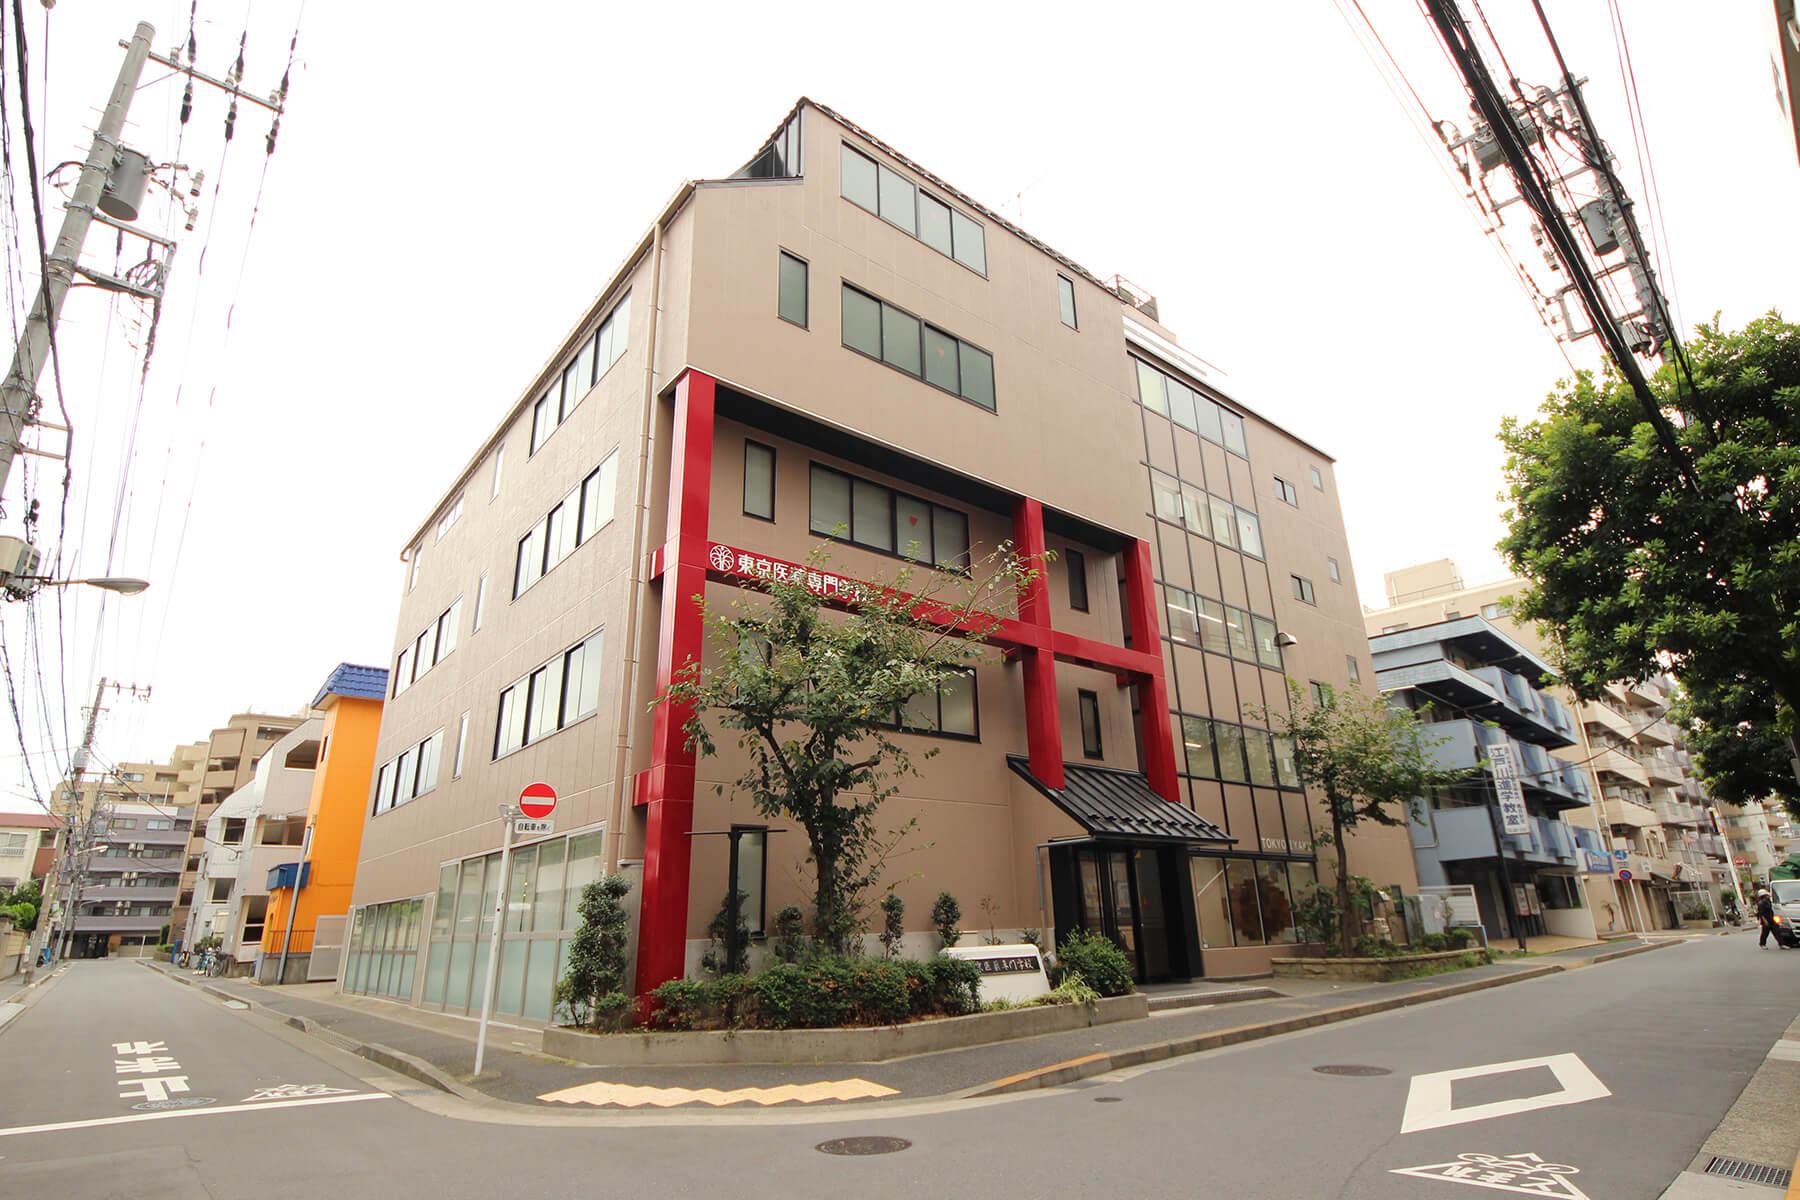 制作実績|写真撮影・東京都-東京医薬専門学校様 画像加工前